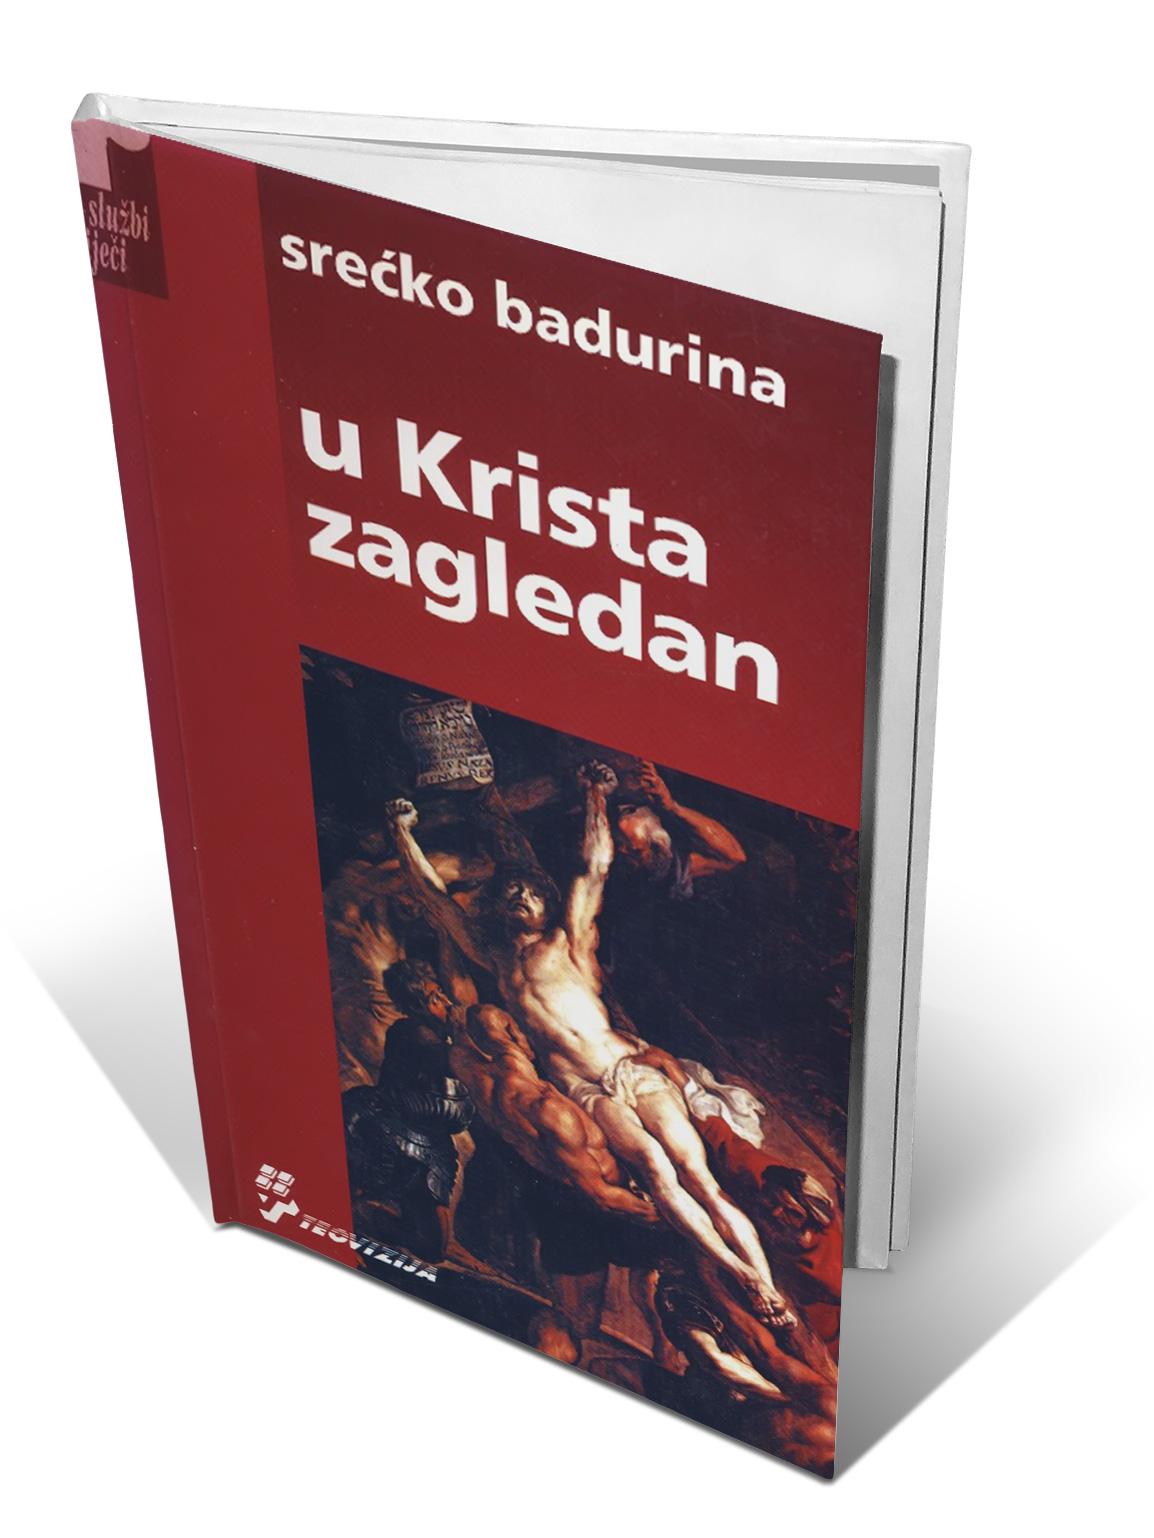 U KRISTA ZAGLEDAN - Srećko Badurina